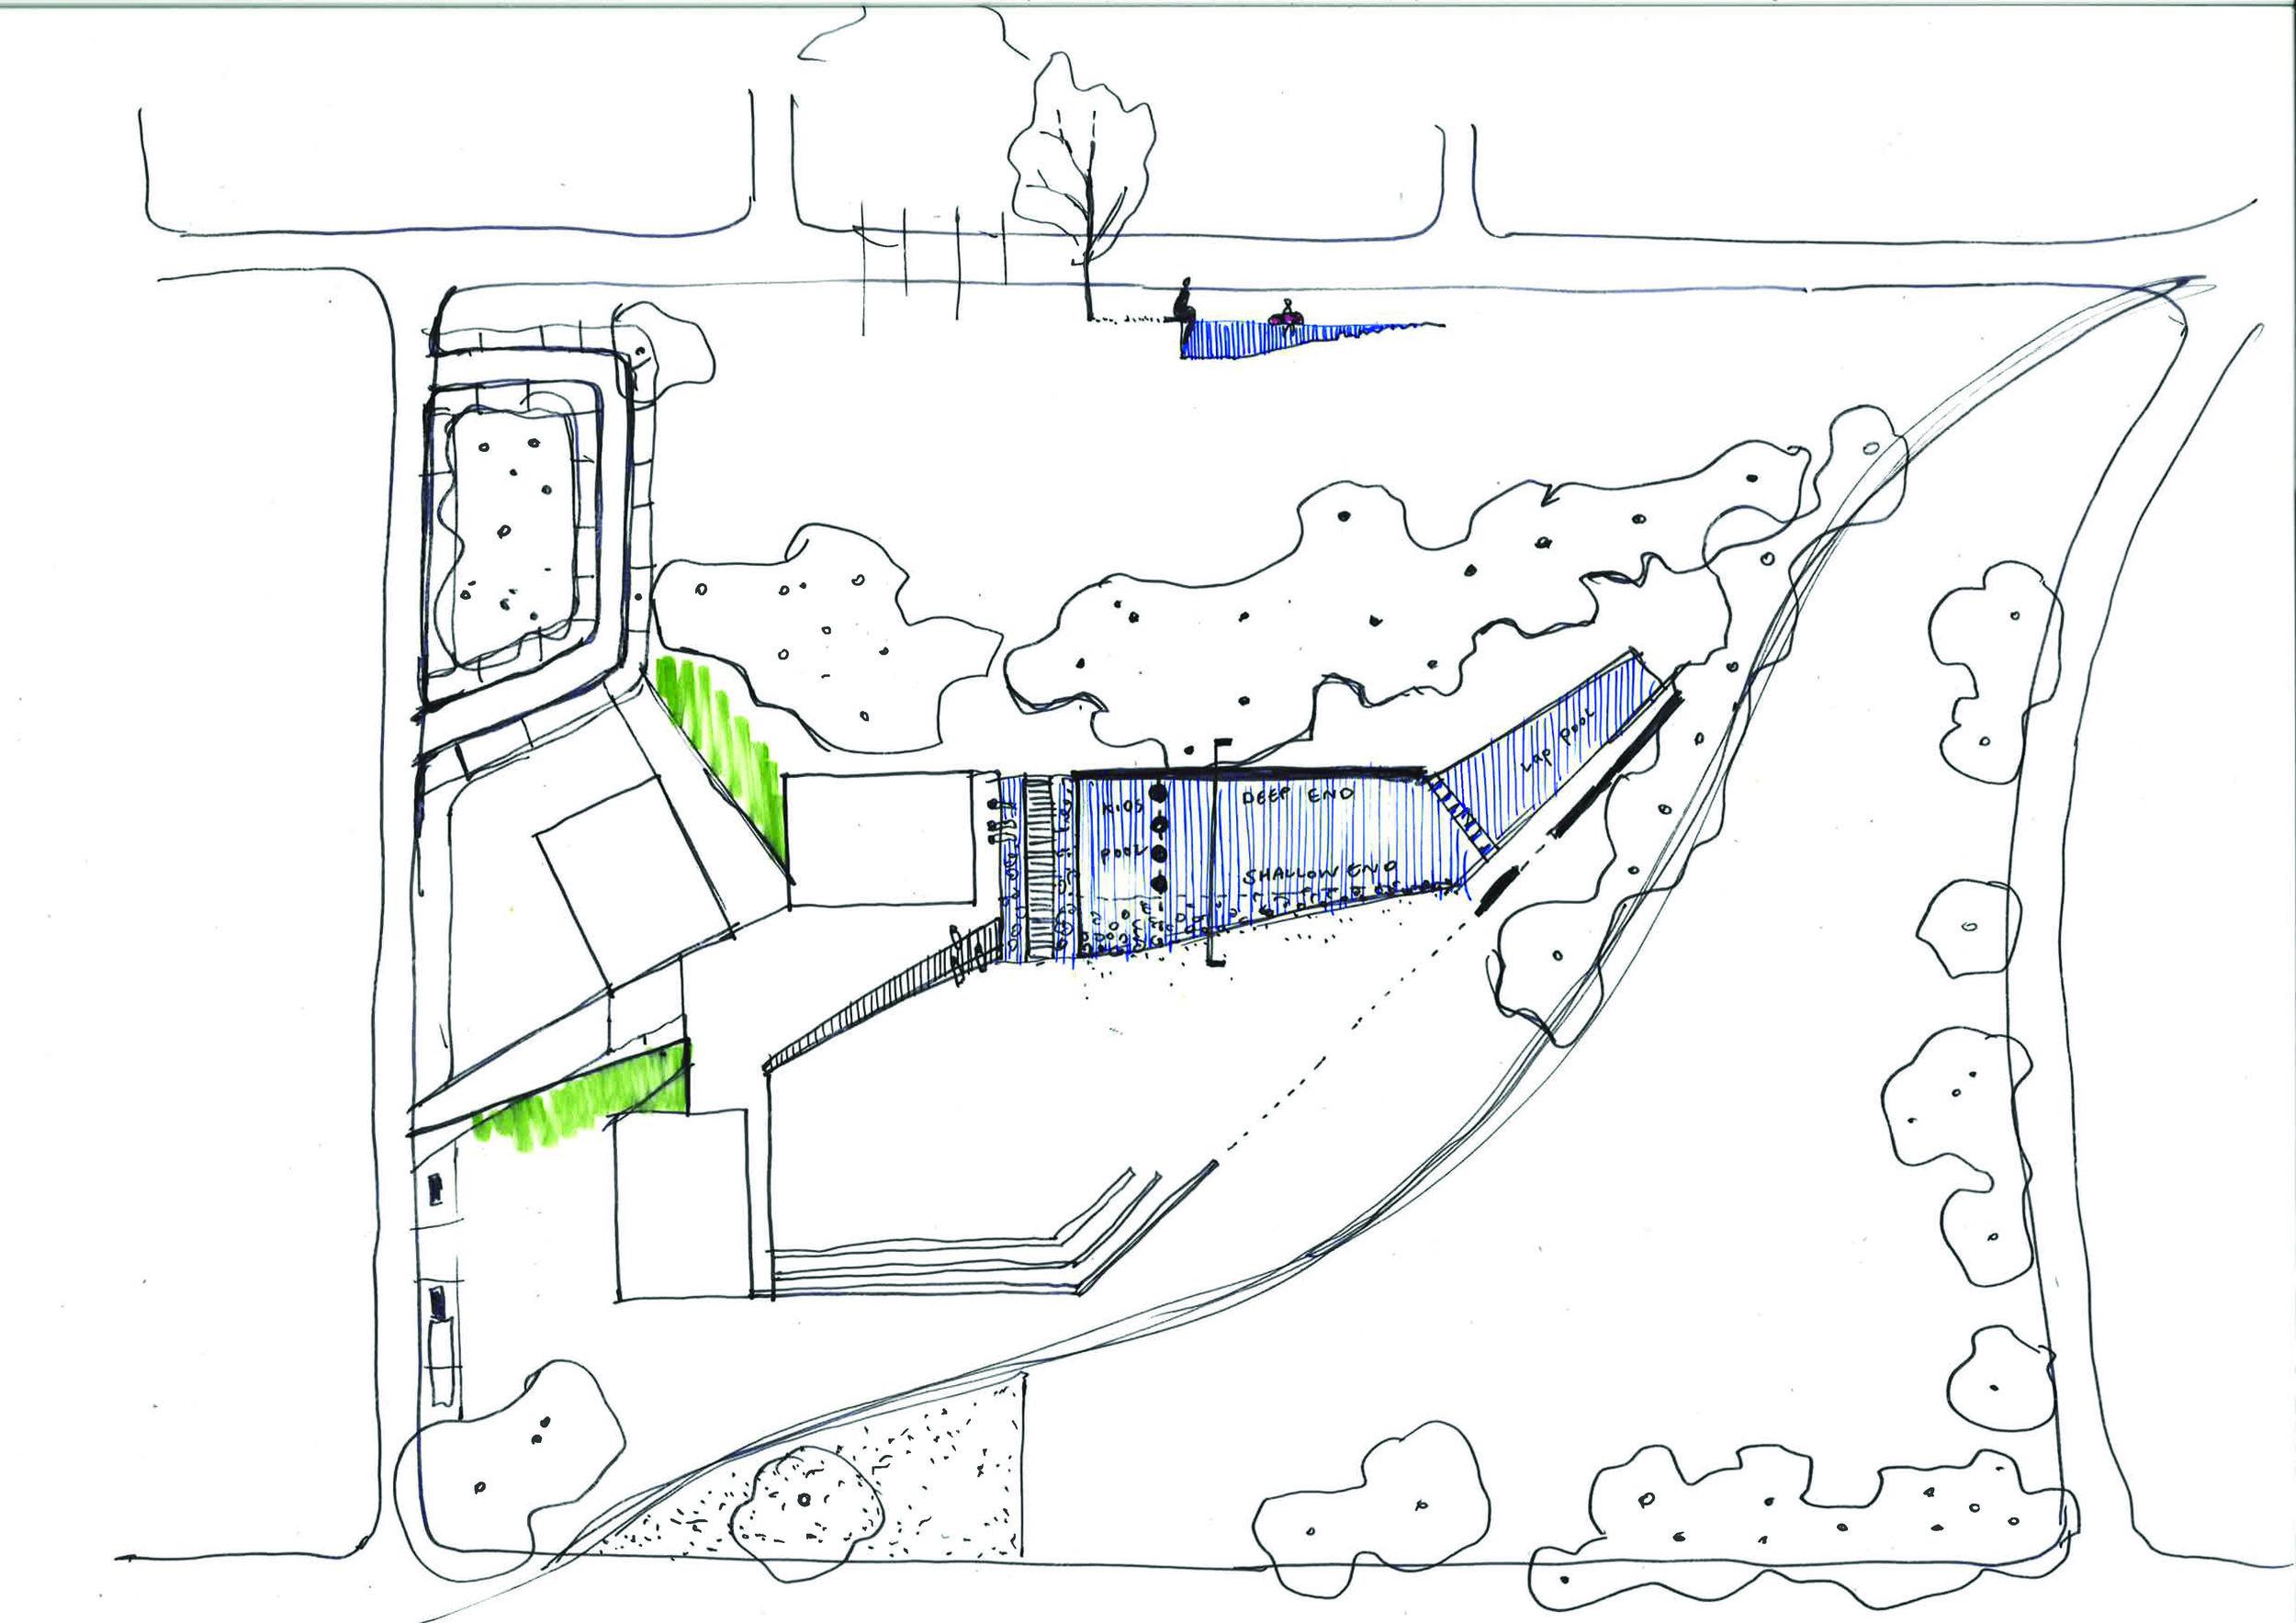 180604_Sketches_KK-3.jpg